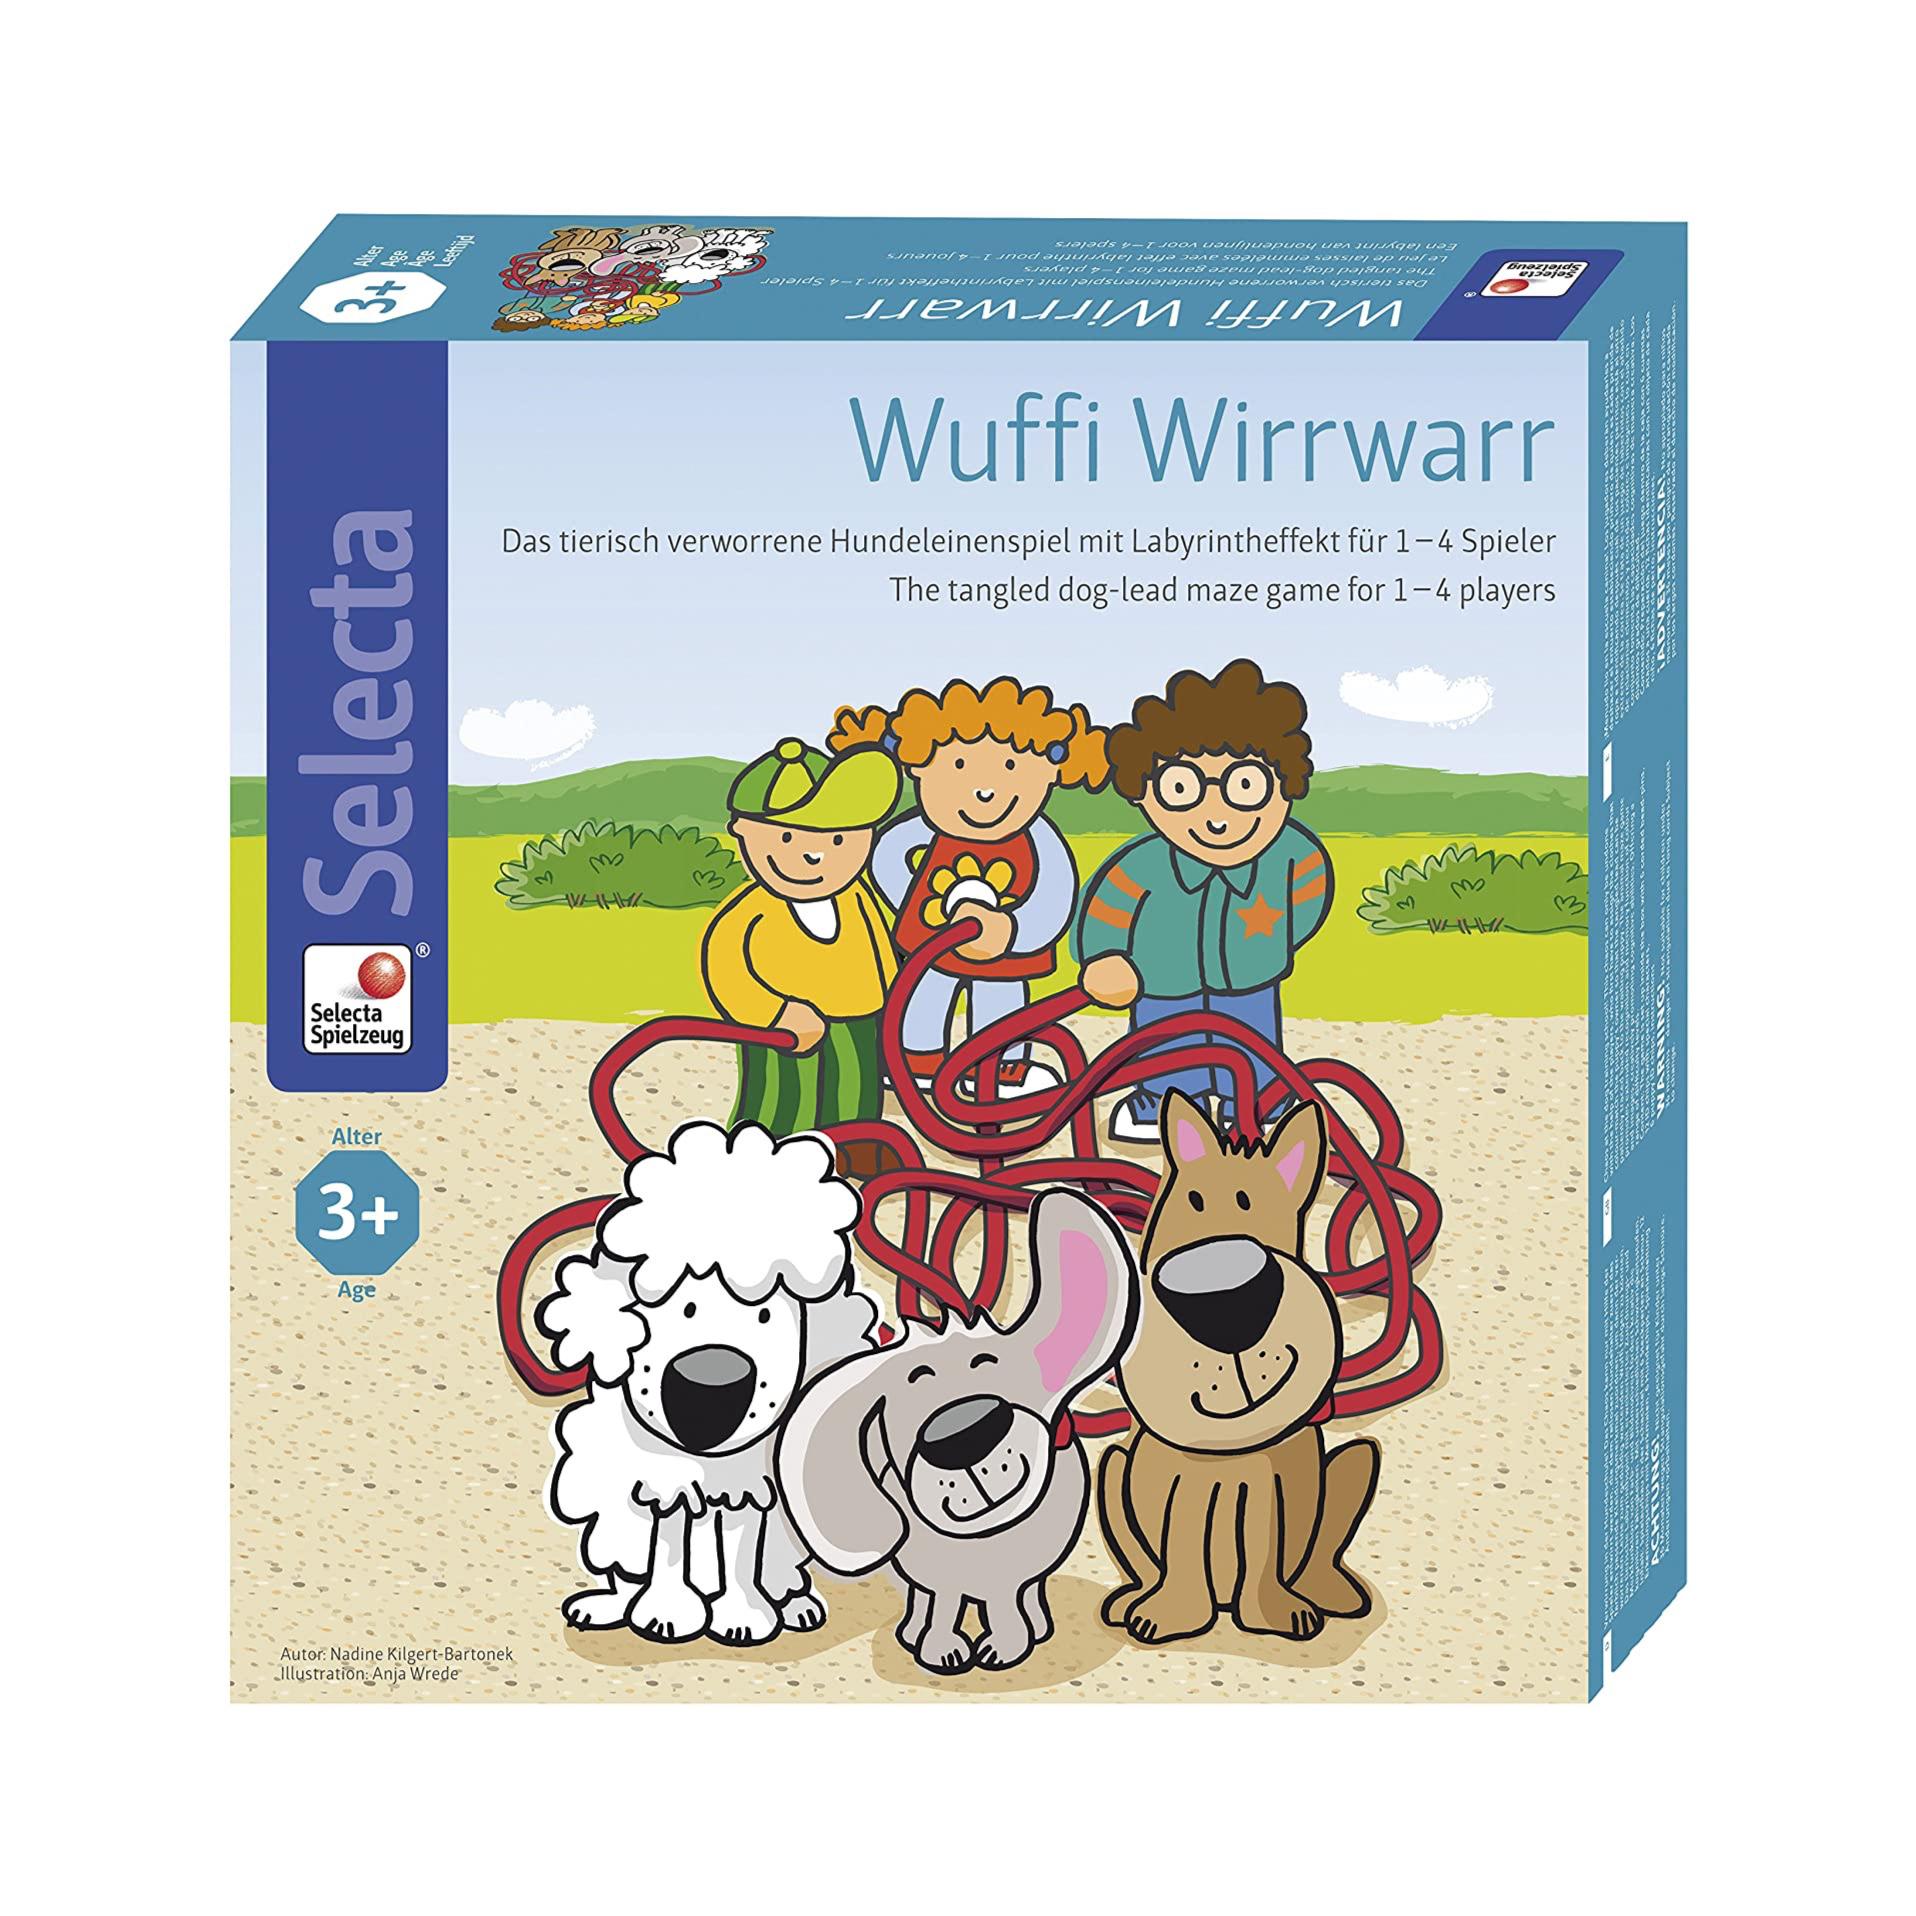 Wuffi Wirrwarr